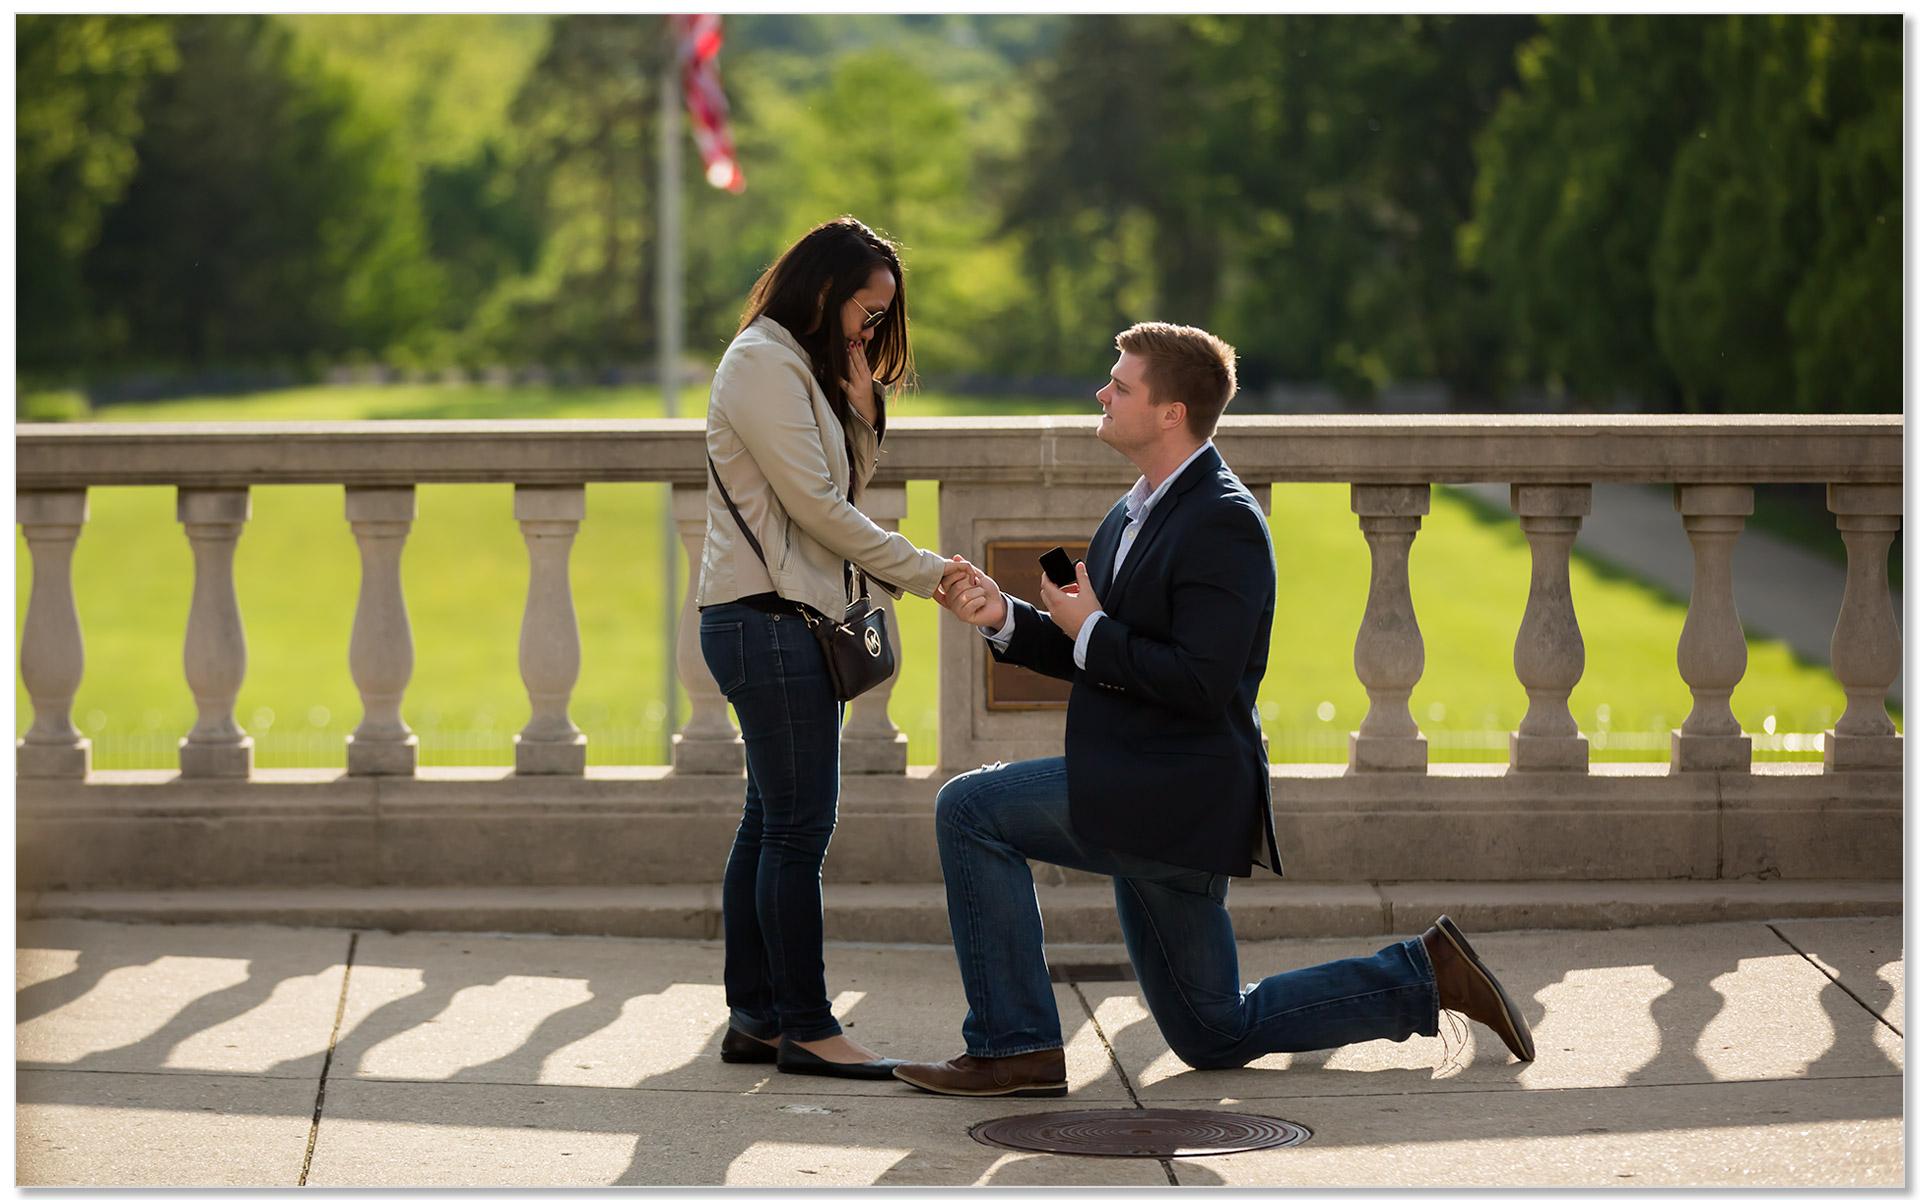 Ault Park Cincinnati Secret Engagement Proposal